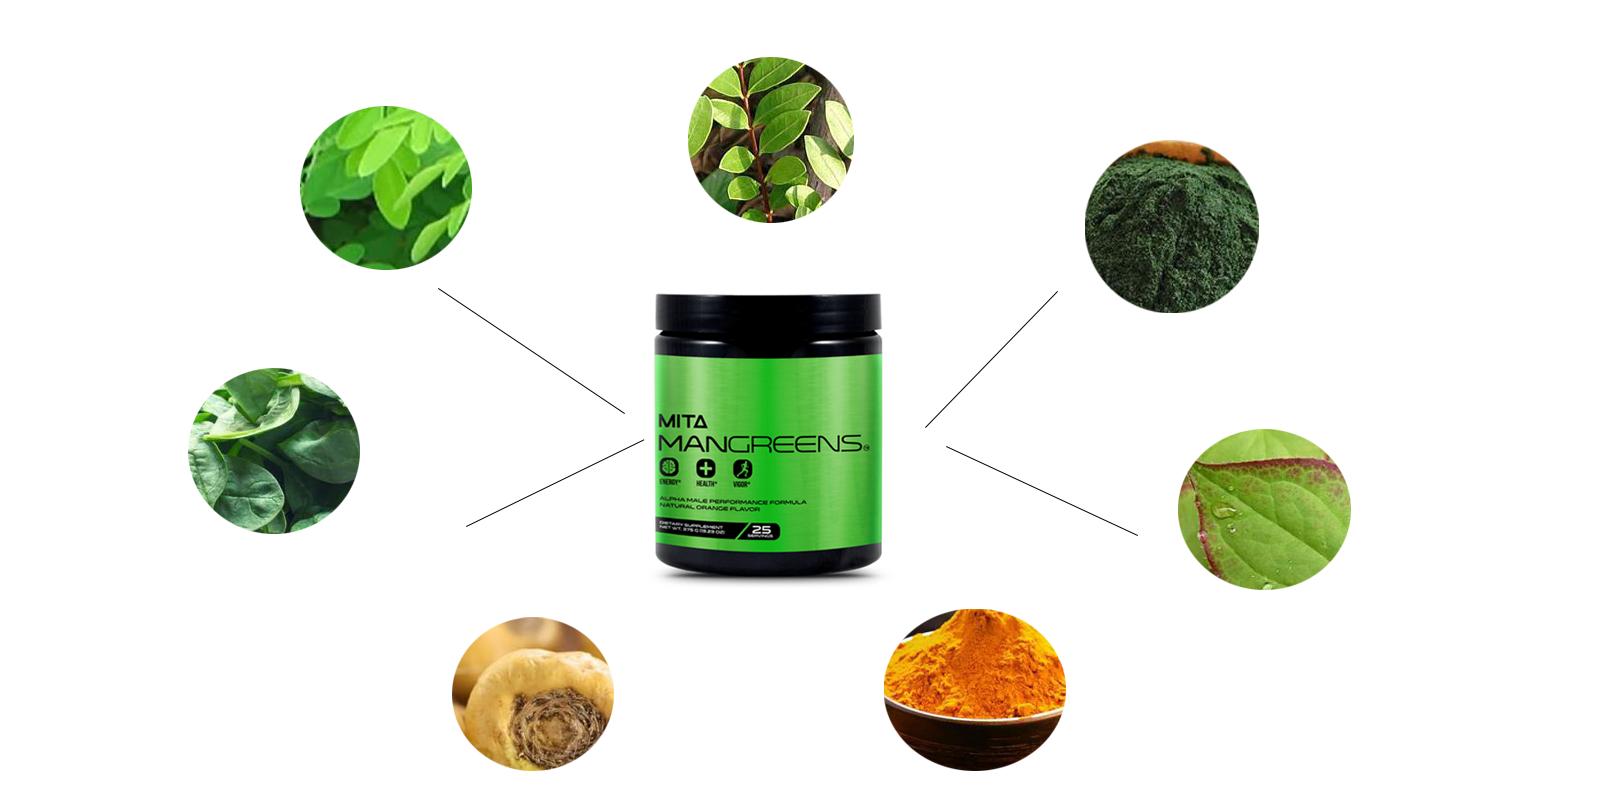 Man Green ingredients